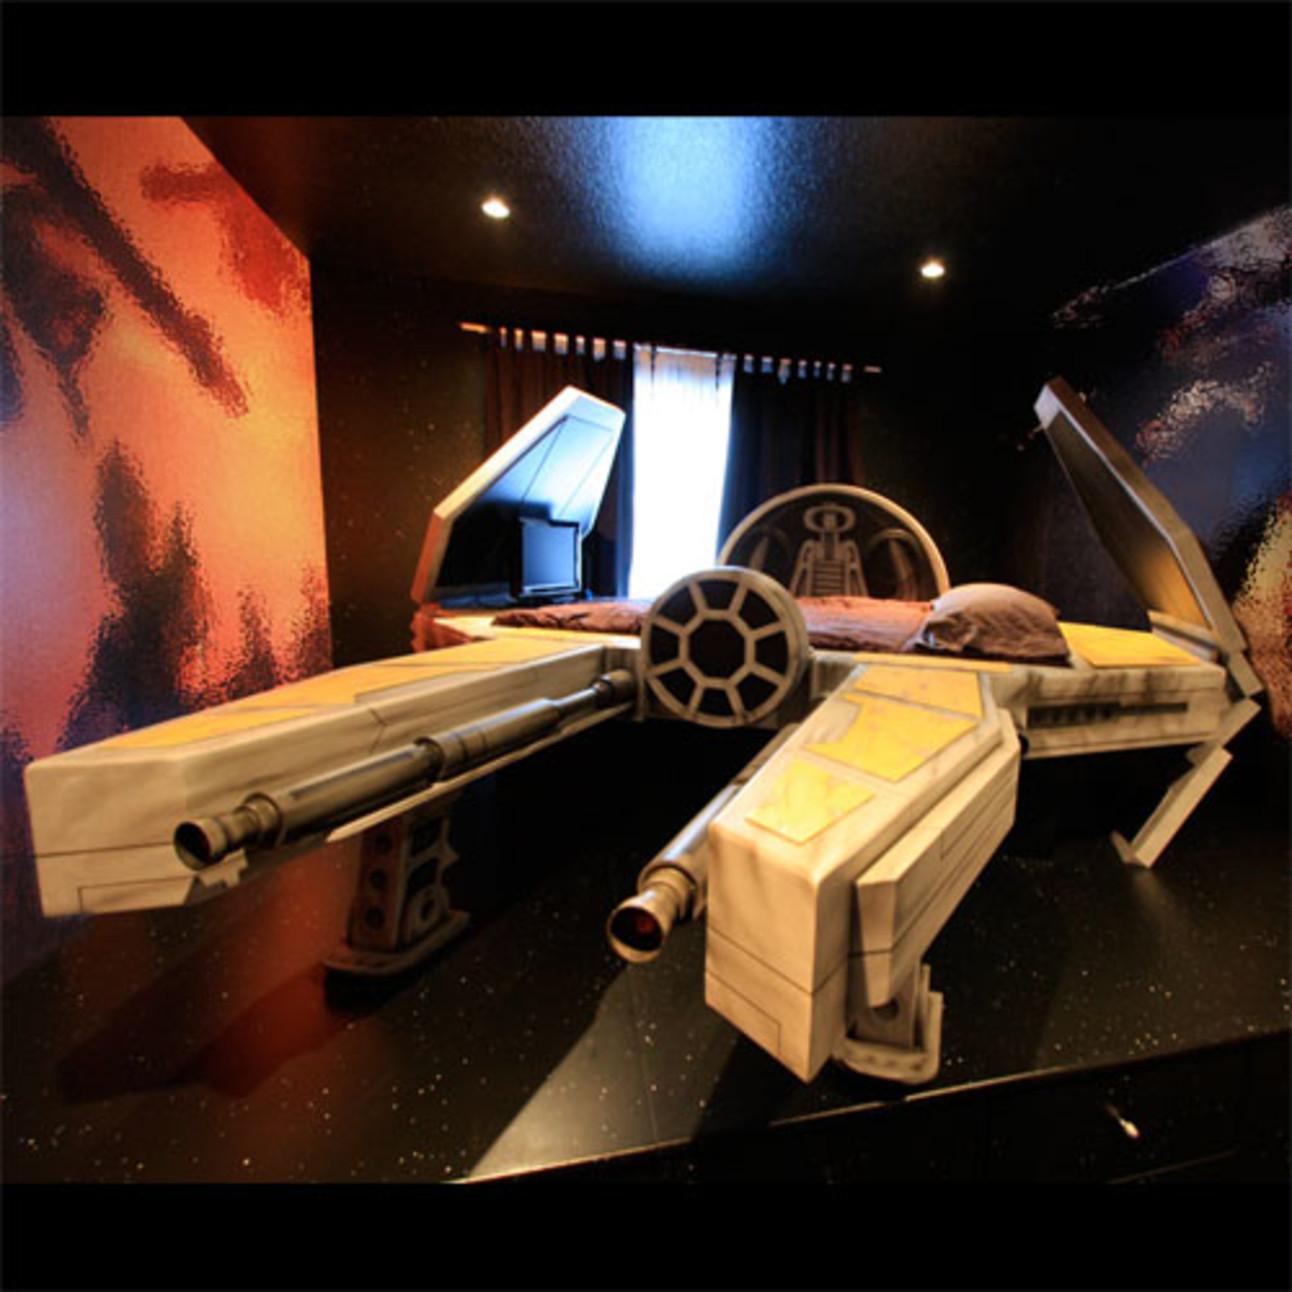 starfighter-bed.jpg